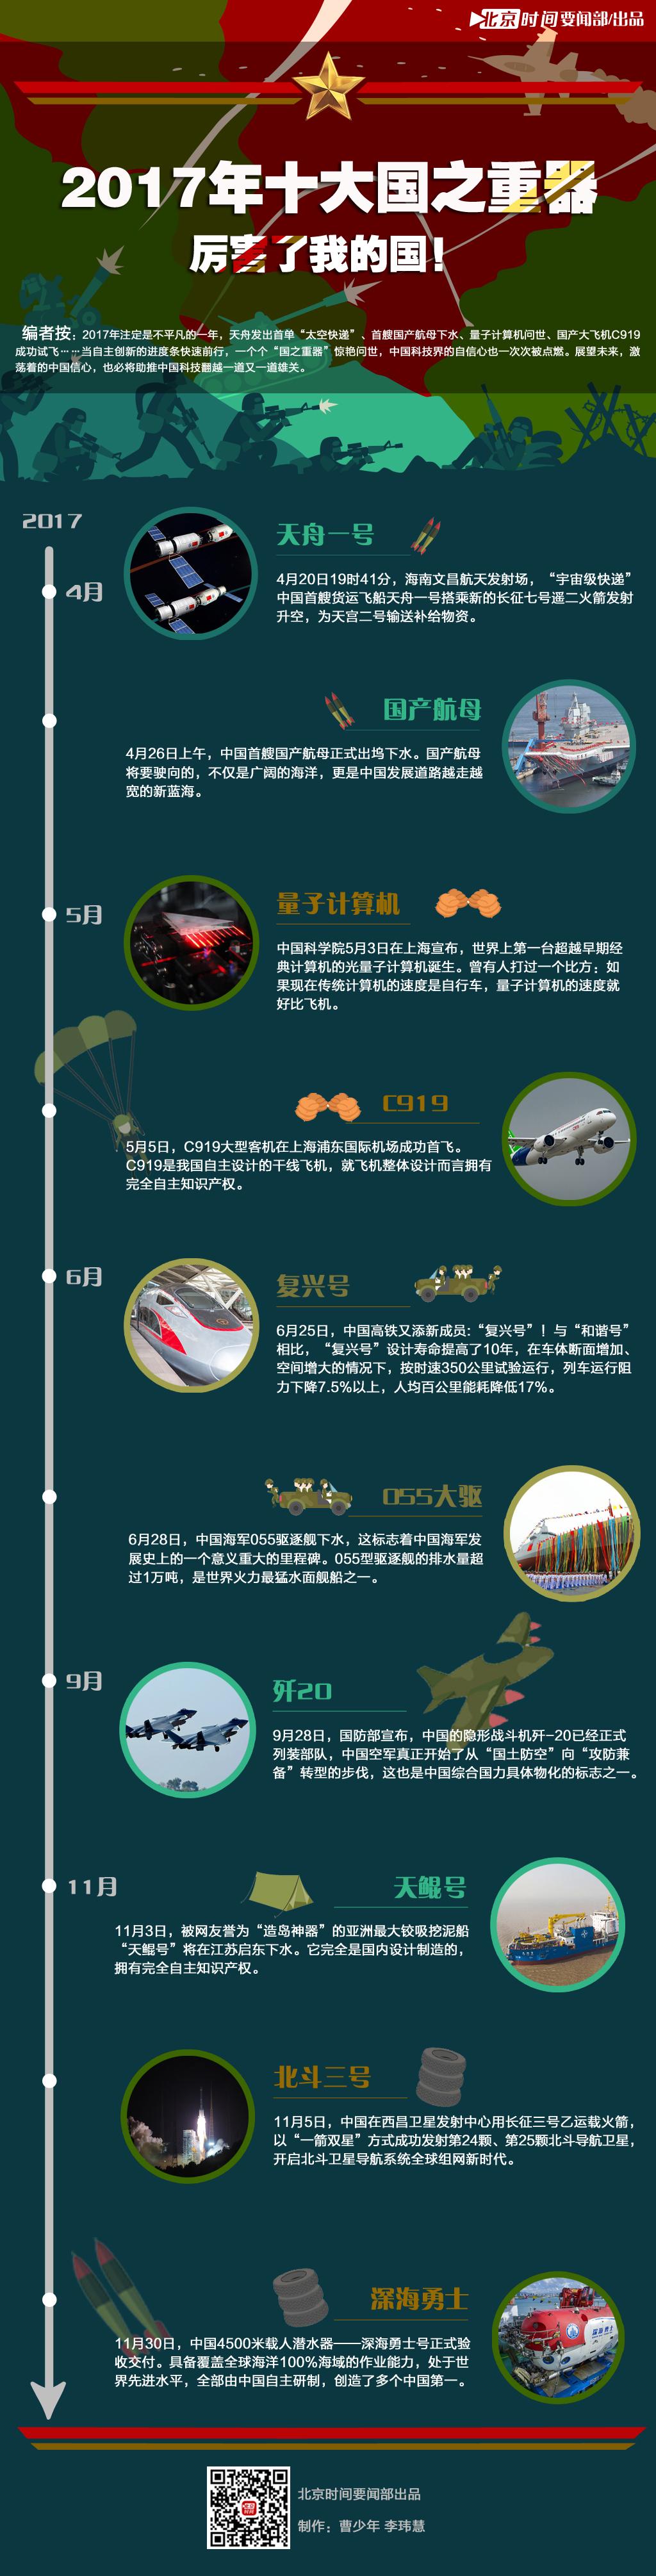 """厉害了我的国 这十大""""镇国重器""""震惊了世界!!! - 周公乐 - xinhua8848 的博客"""